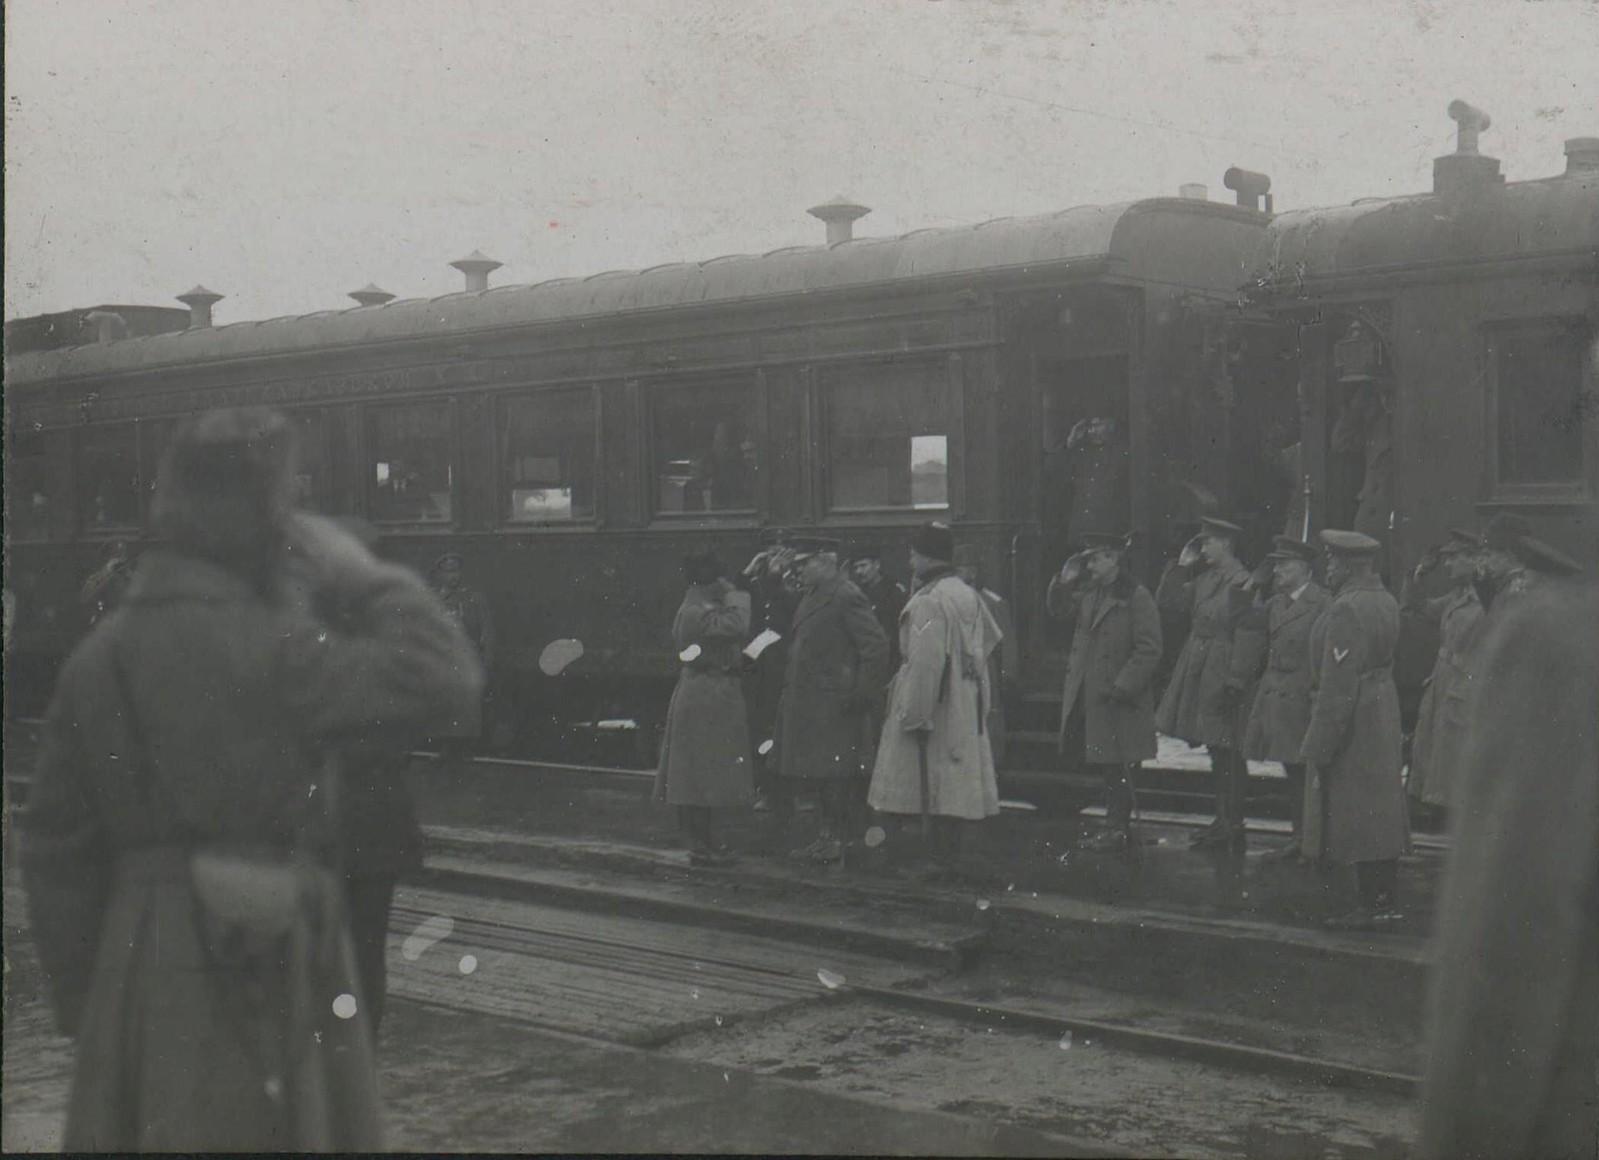 07. 1918. Прибытие генерала Фредерика Пуля в  Новороссийск. 3 декабря